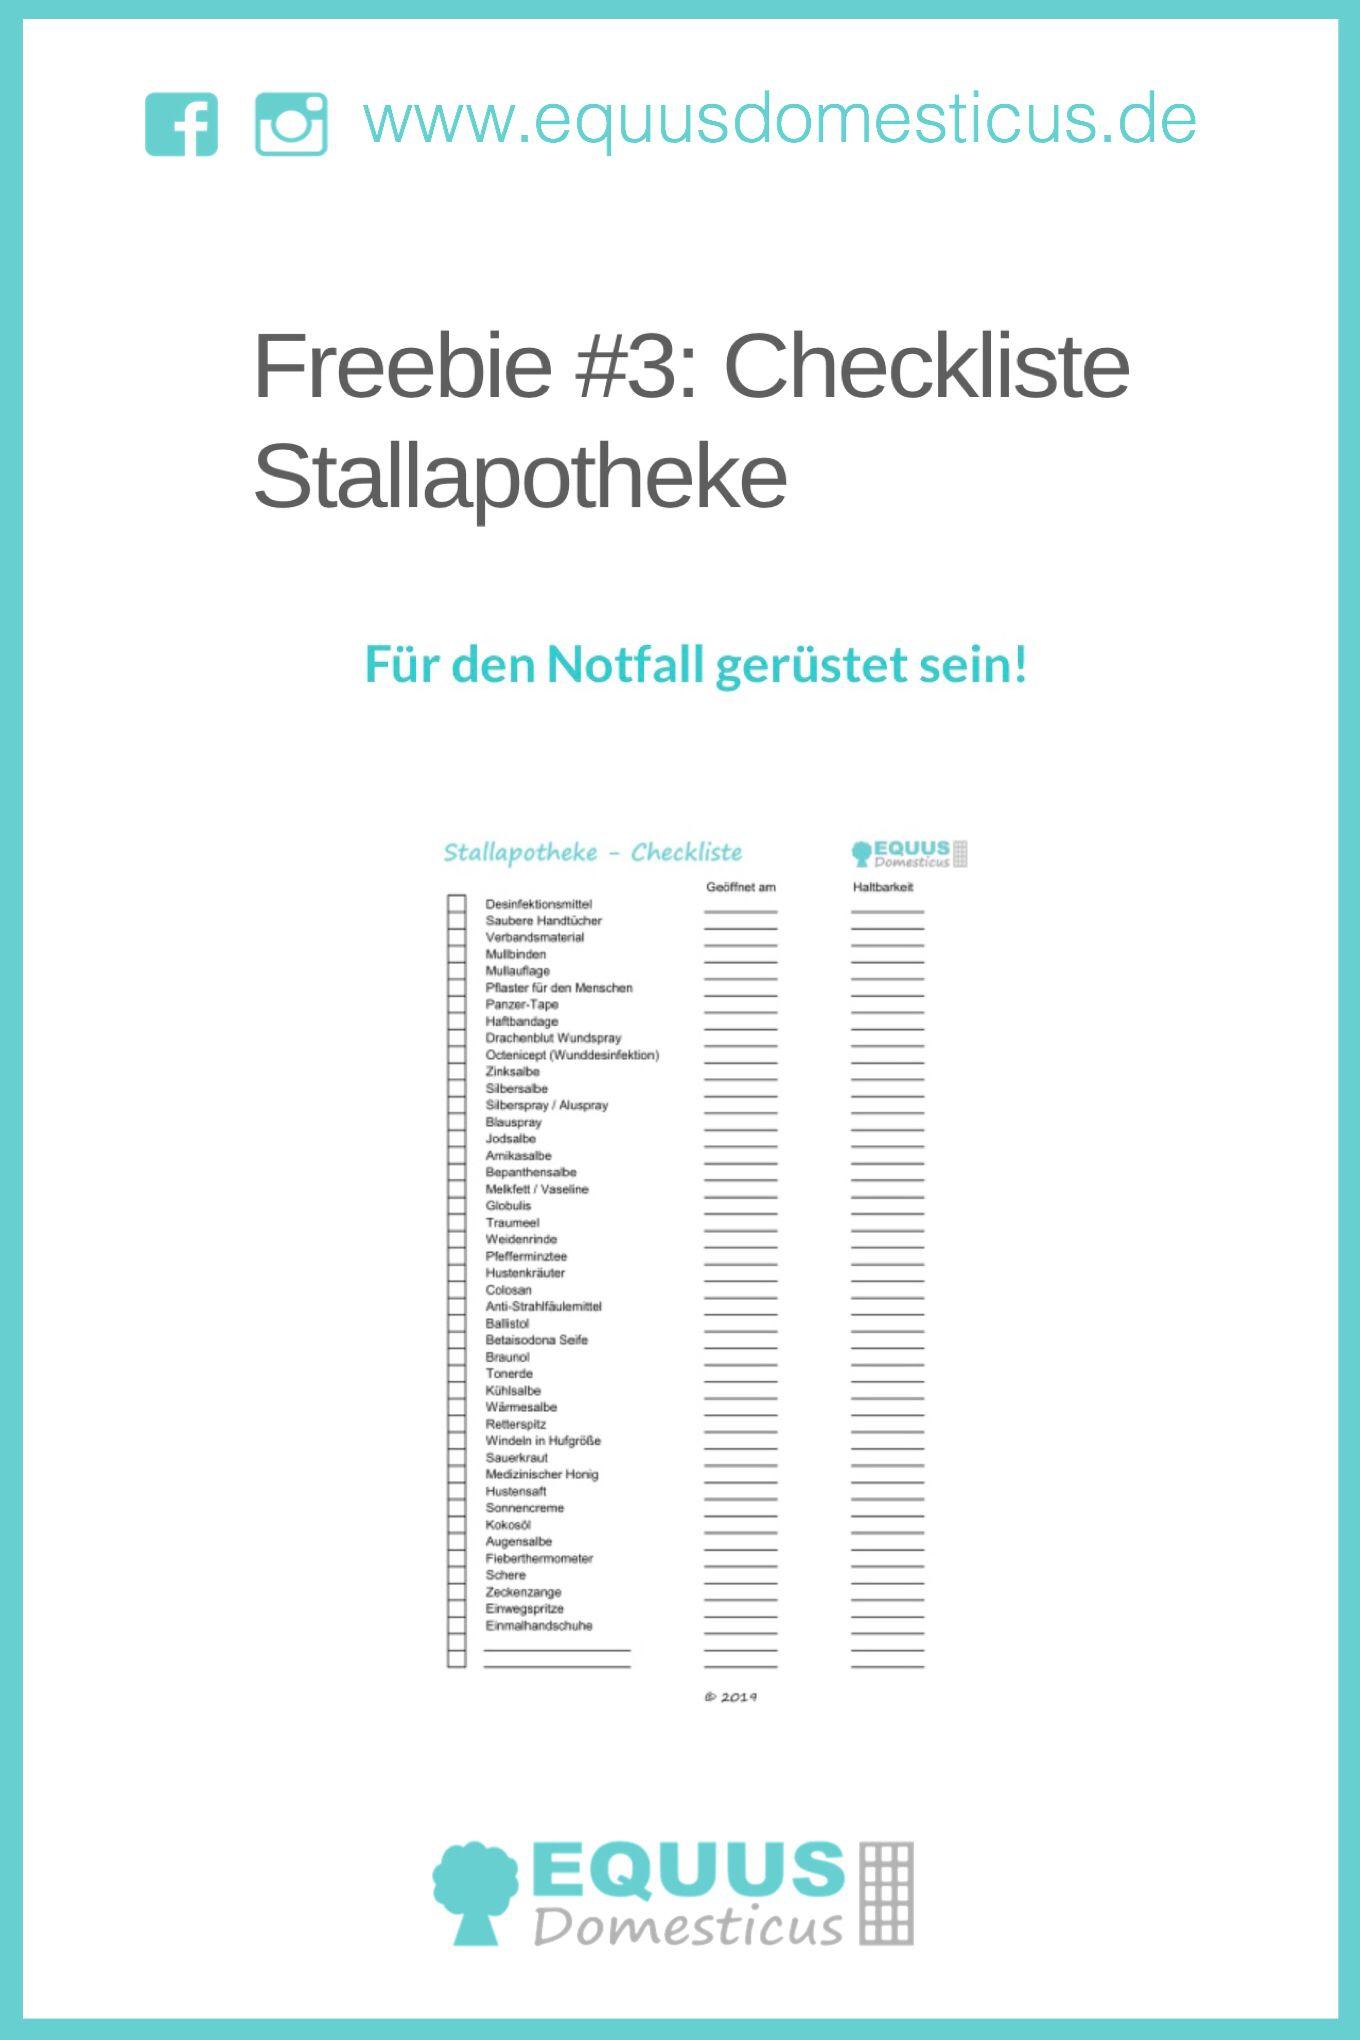 Freebie 3 Checkliste Stallapotheke Pferdekrankheiten Apotheke